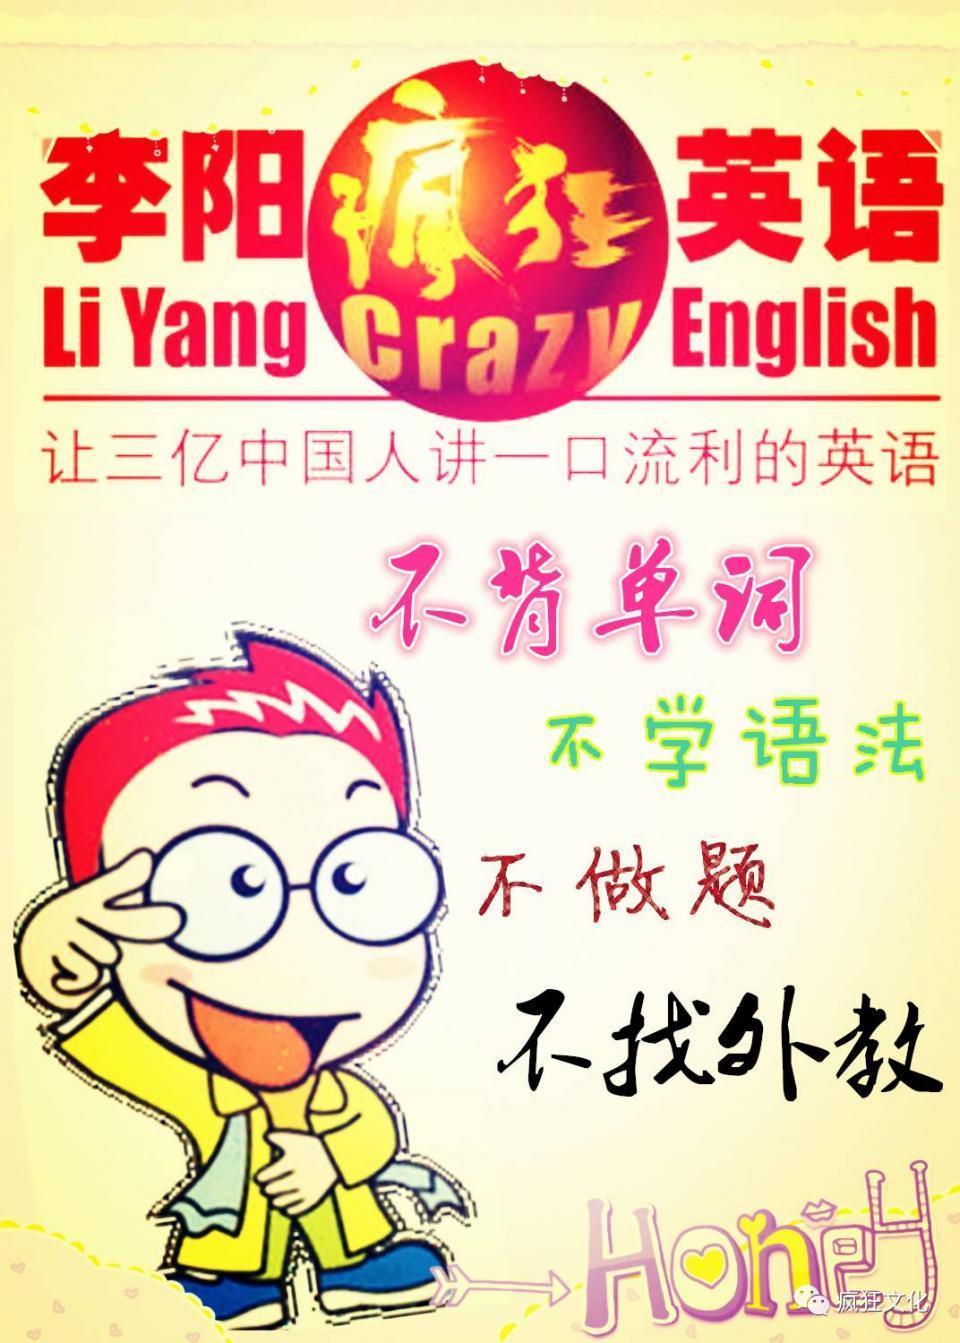 重磅!疯狂英语创始人李阳老师全国大型演讲会-郑州站